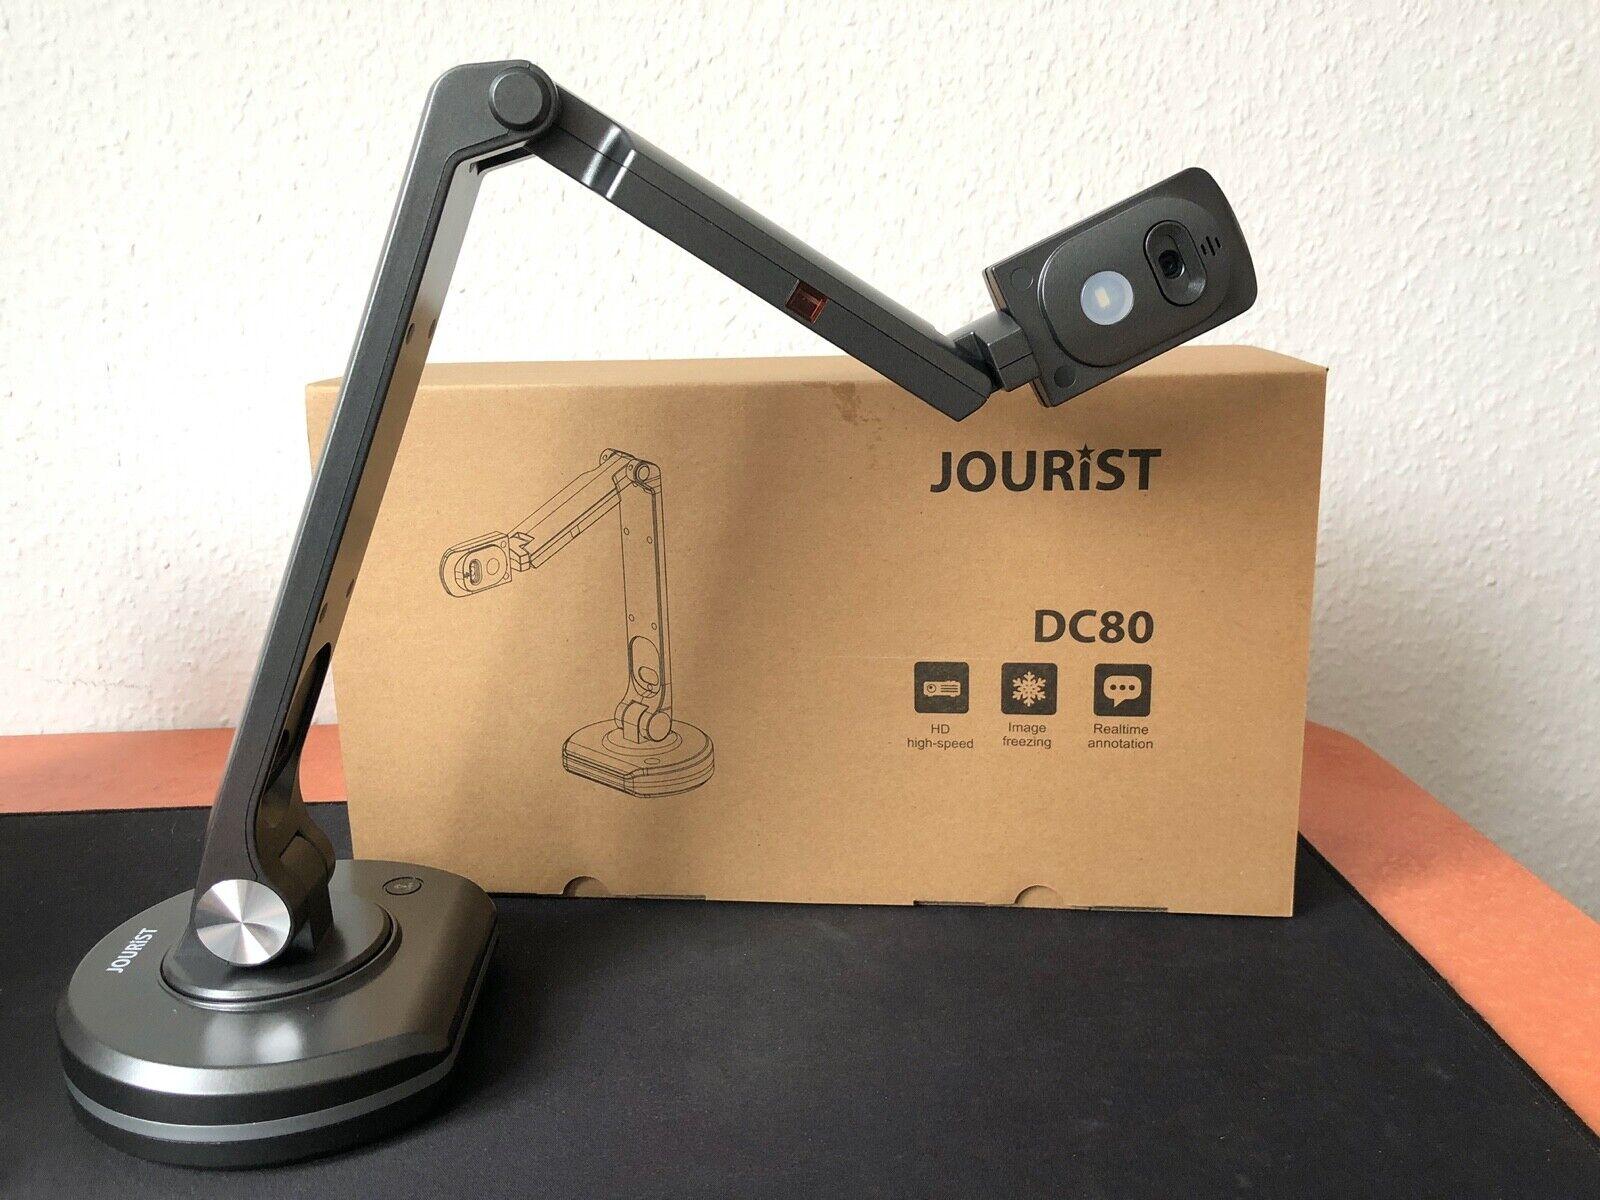 JOURIST DC80 Dokumentenkamera und Visualizer mit 8 MP, bis zu A3-Vorlagen